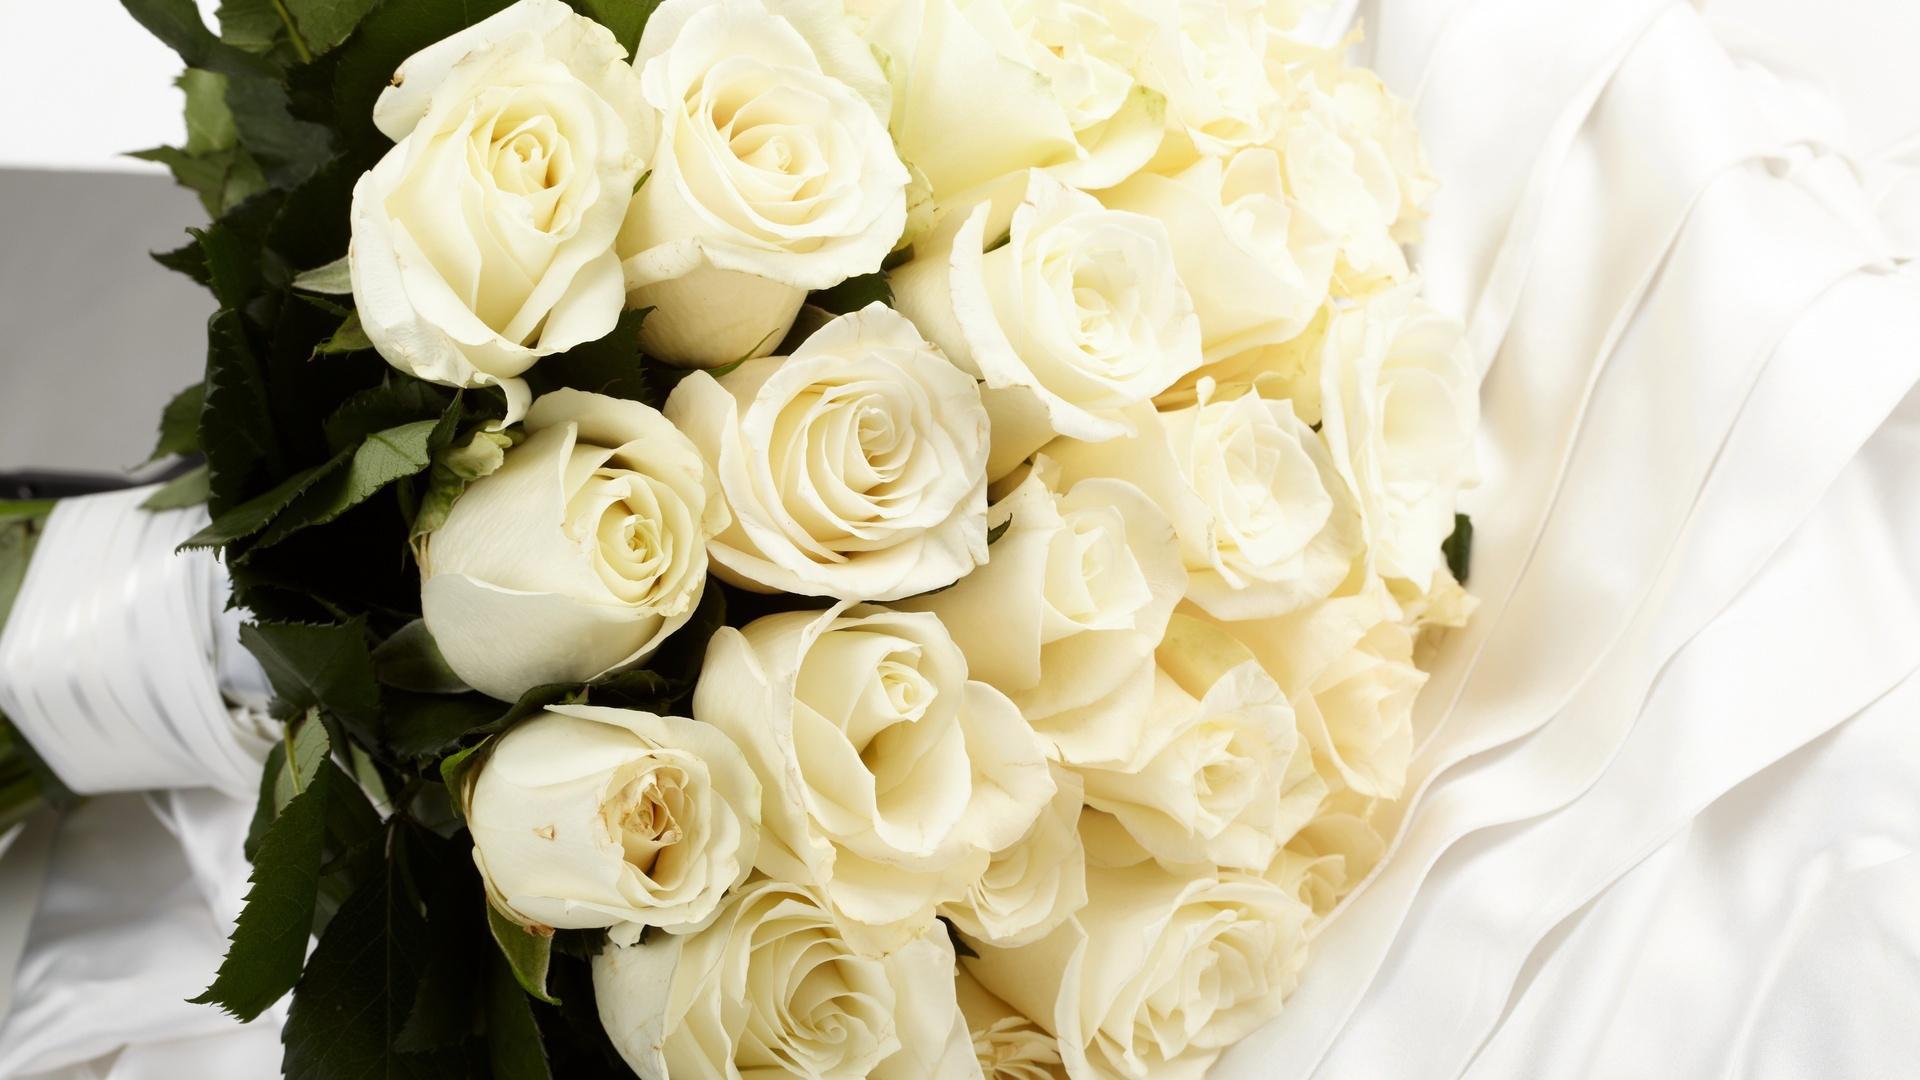 Что значат белые розы в подарок